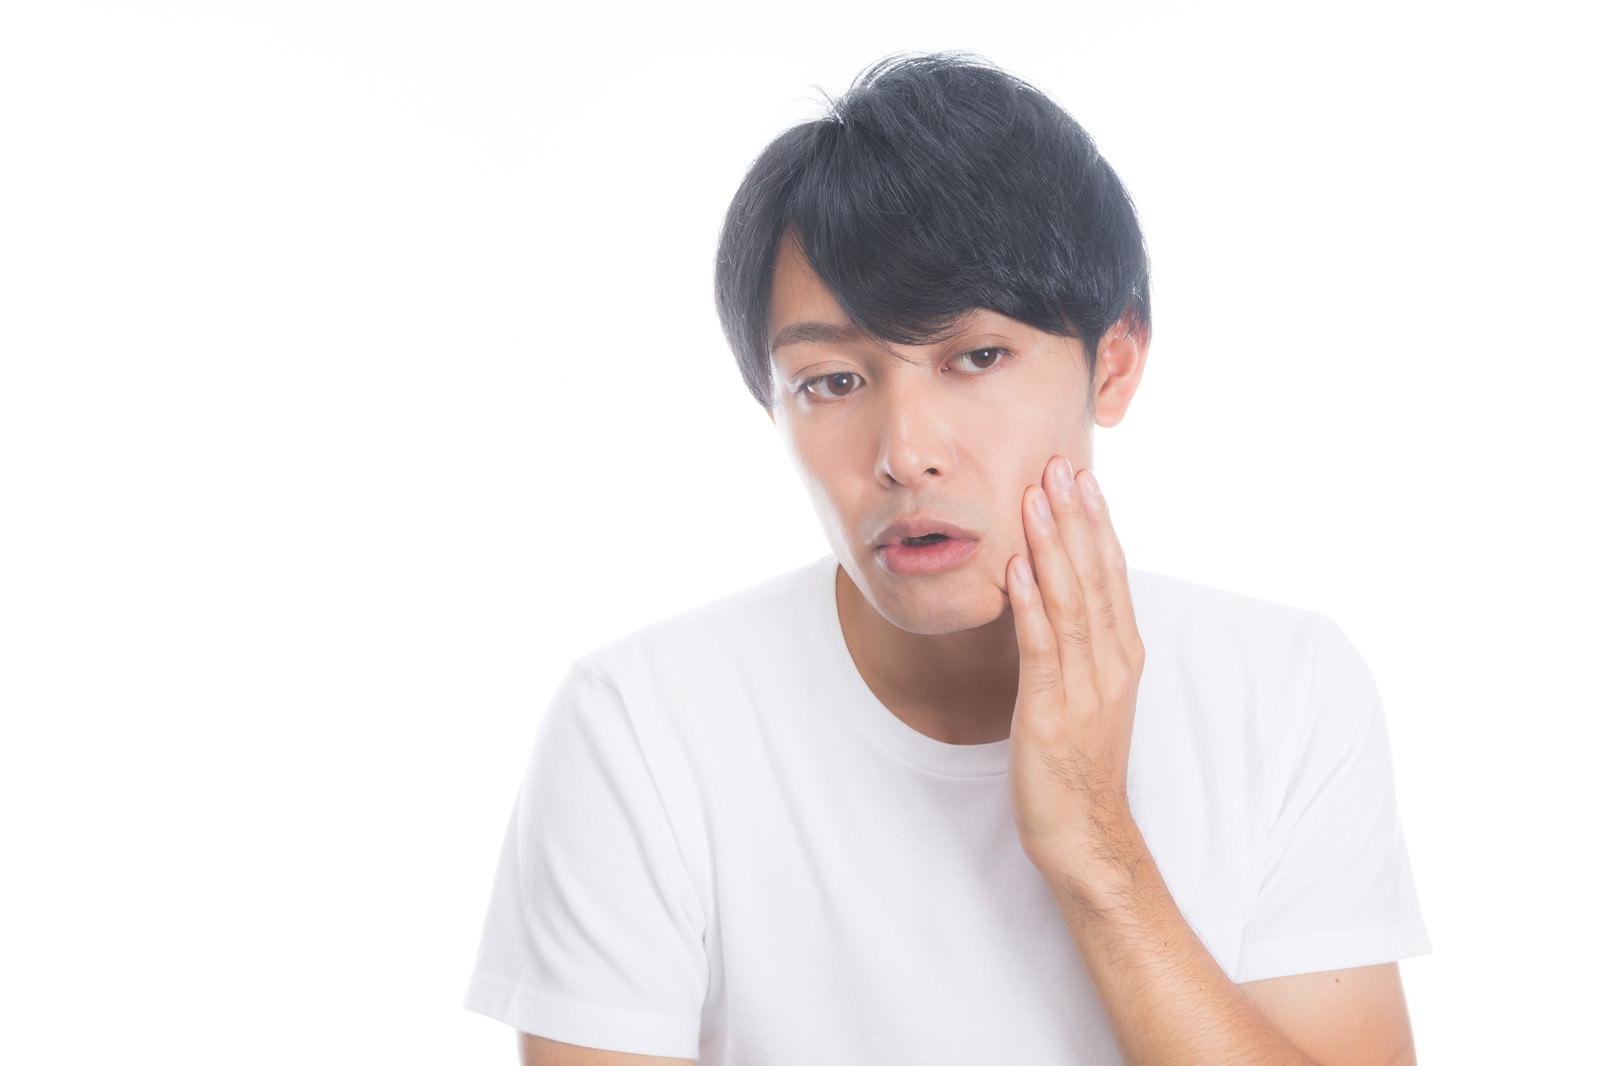 「頬の肌荒れを気にする男性」の写真[モデル:完伍]